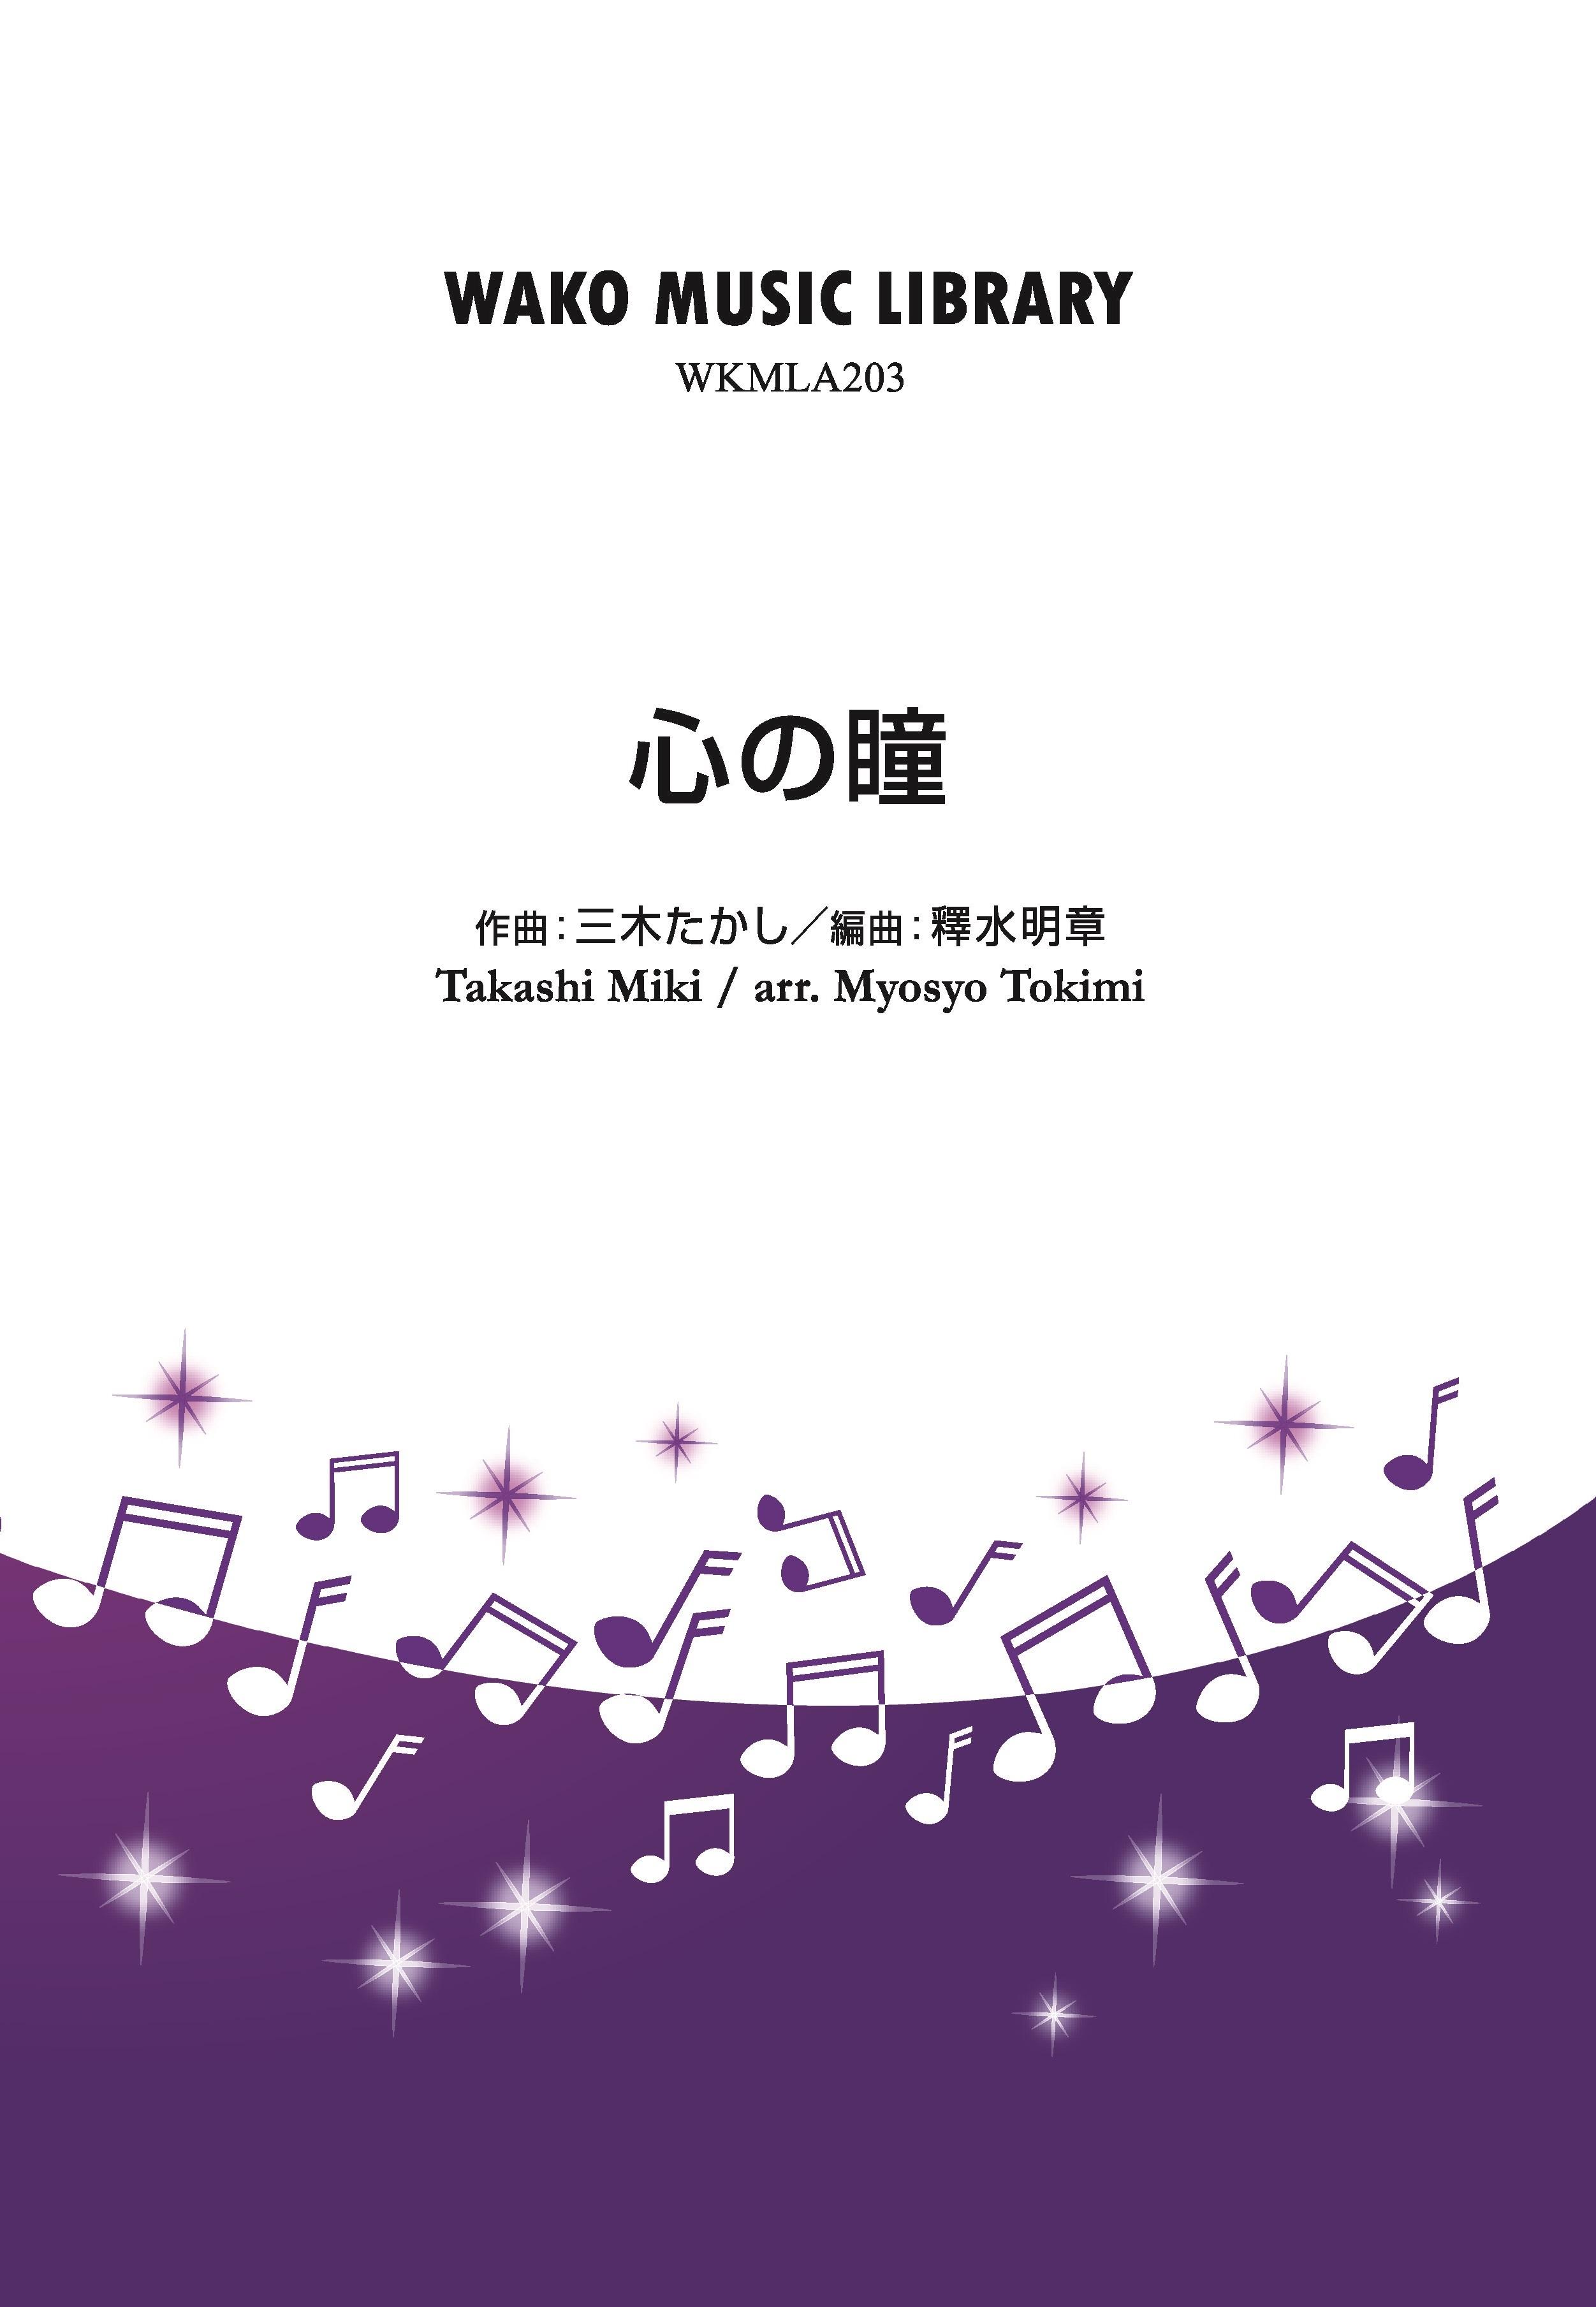 心の瞳」 / 三木たかし(arr.釋水明章)(WKML-203)   WAKO Records Inc.